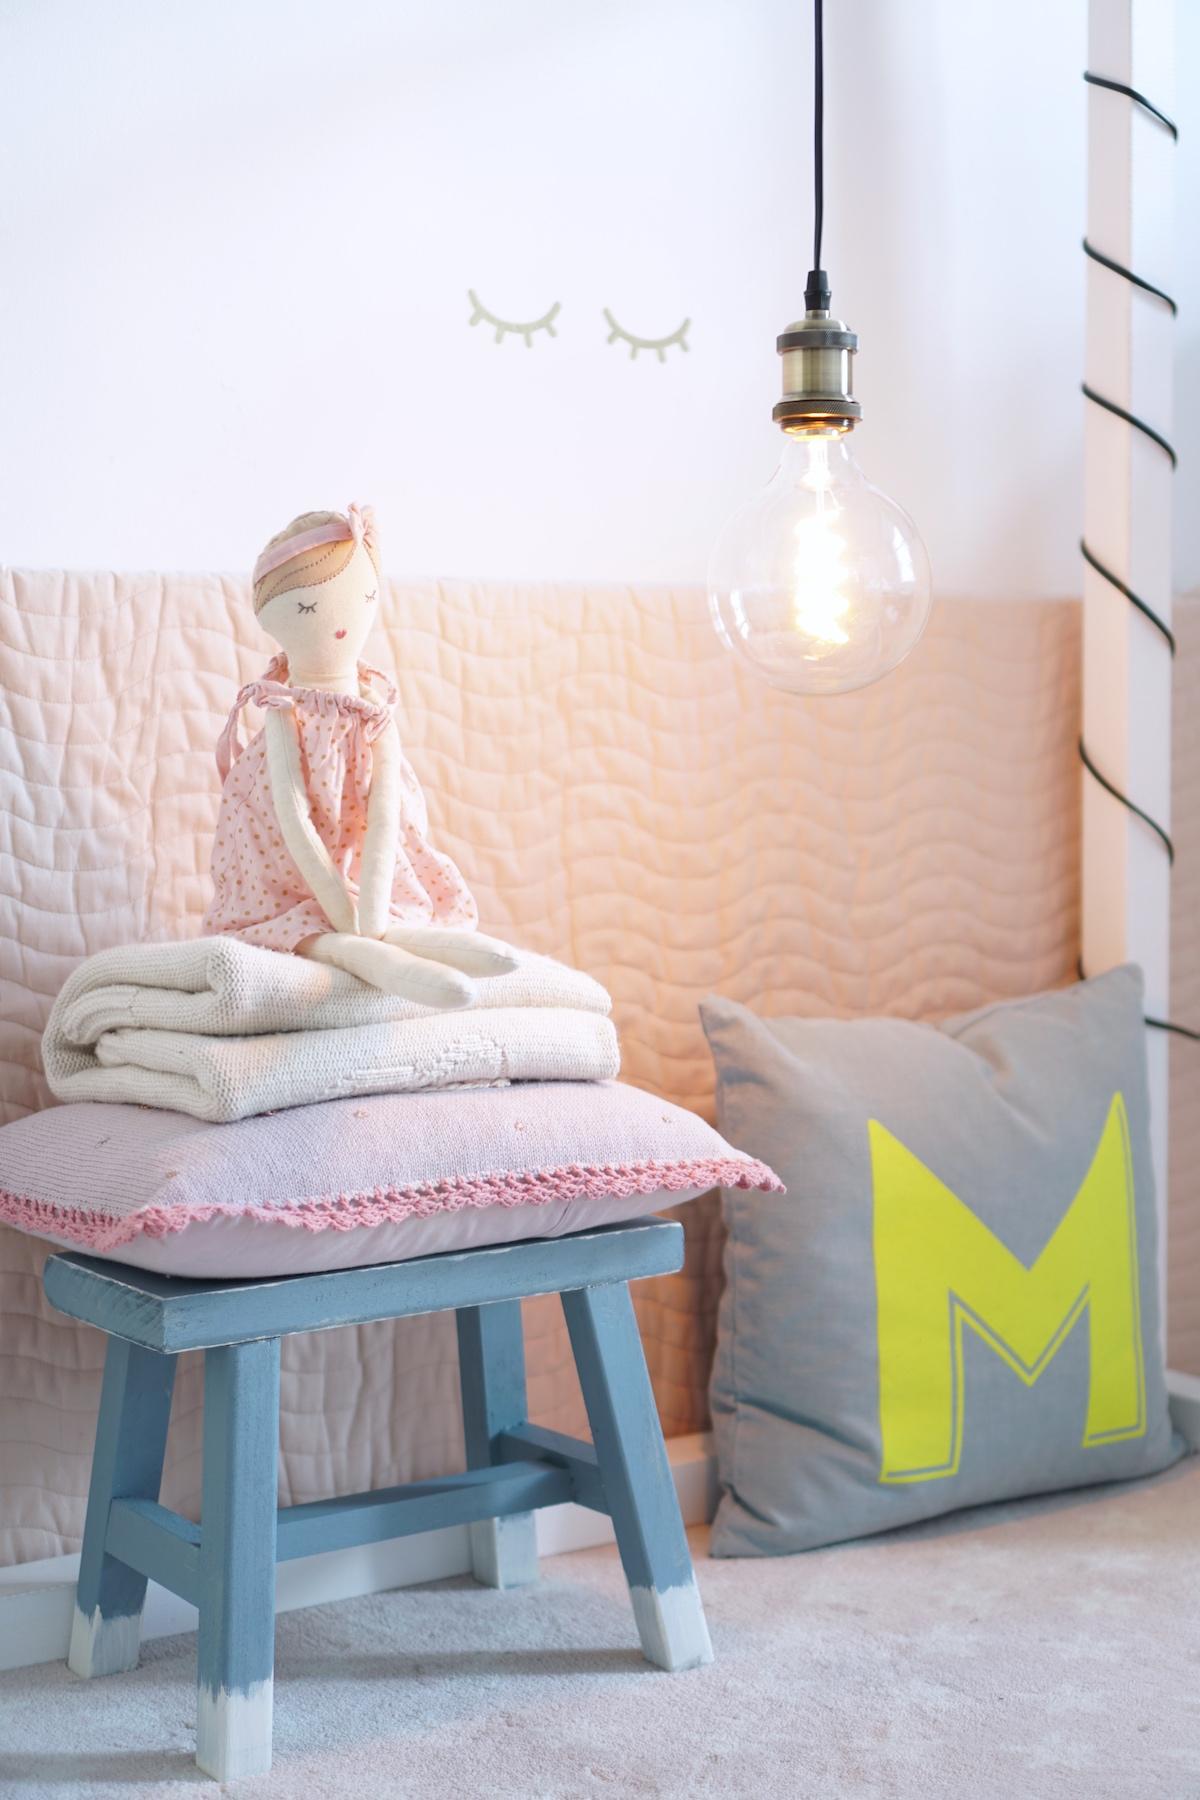 DIY Hocker pimpen & wie der Schemel zum Einsatz kommt zur Dekoration im Kinderzimmer